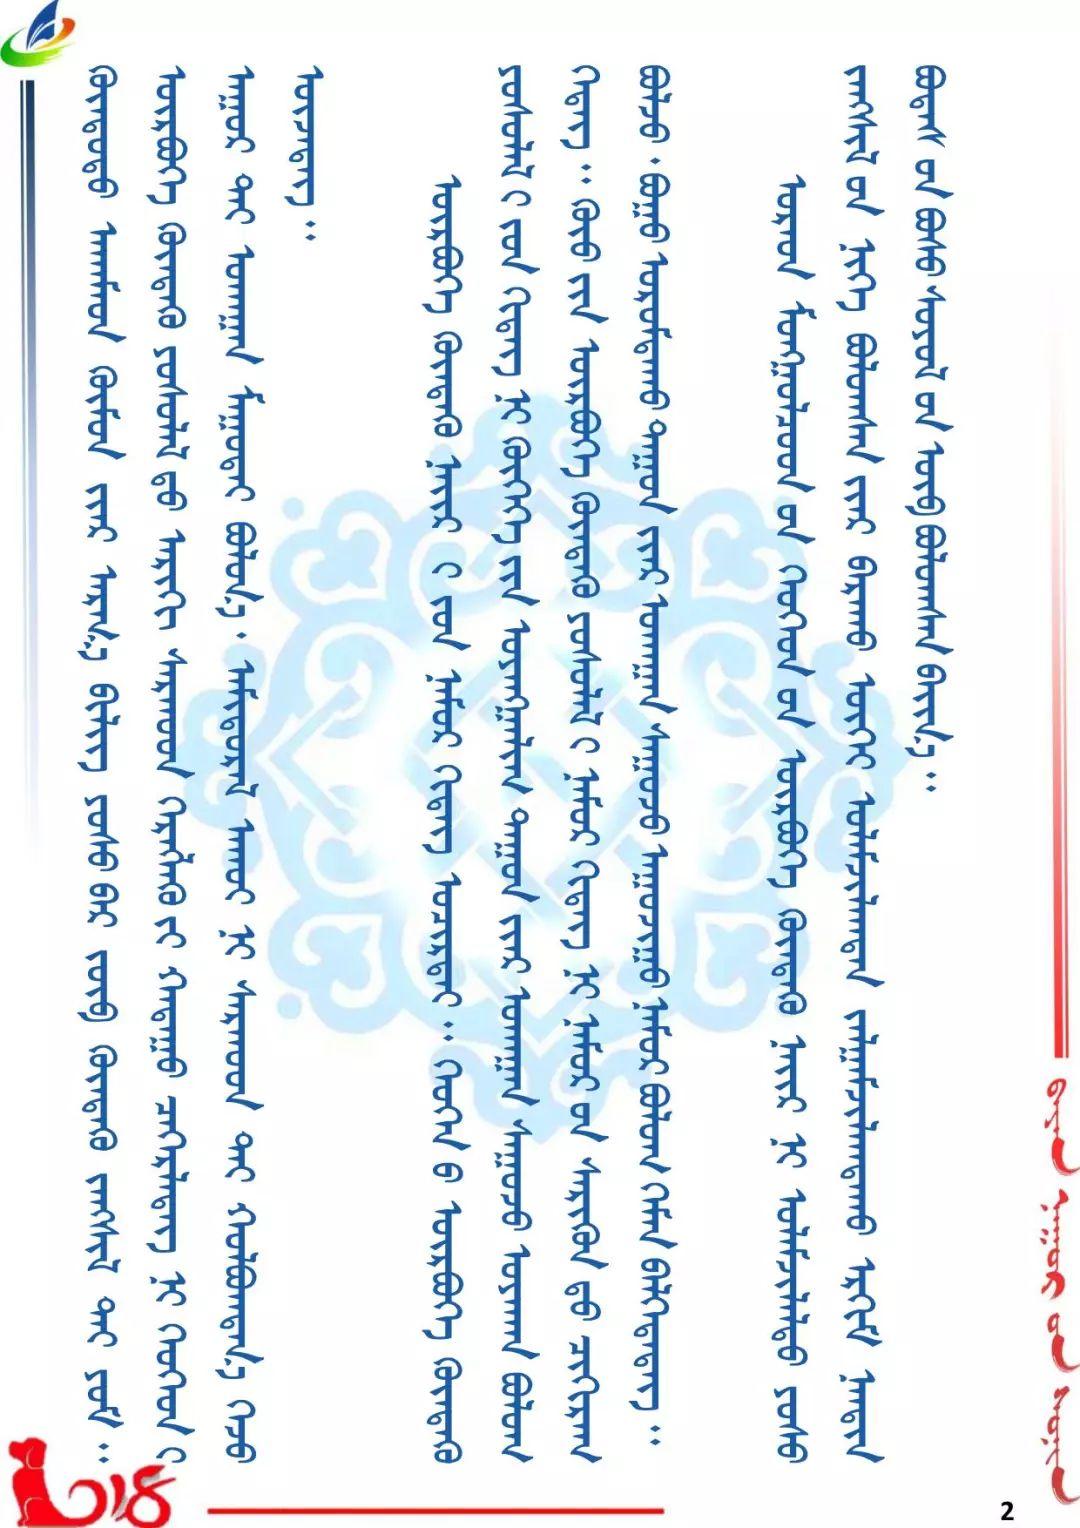 【乌拉特文化】蒙古族理剃胎发仪式 第3张 【乌拉特文化】蒙古族理剃胎发仪式 蒙古文化